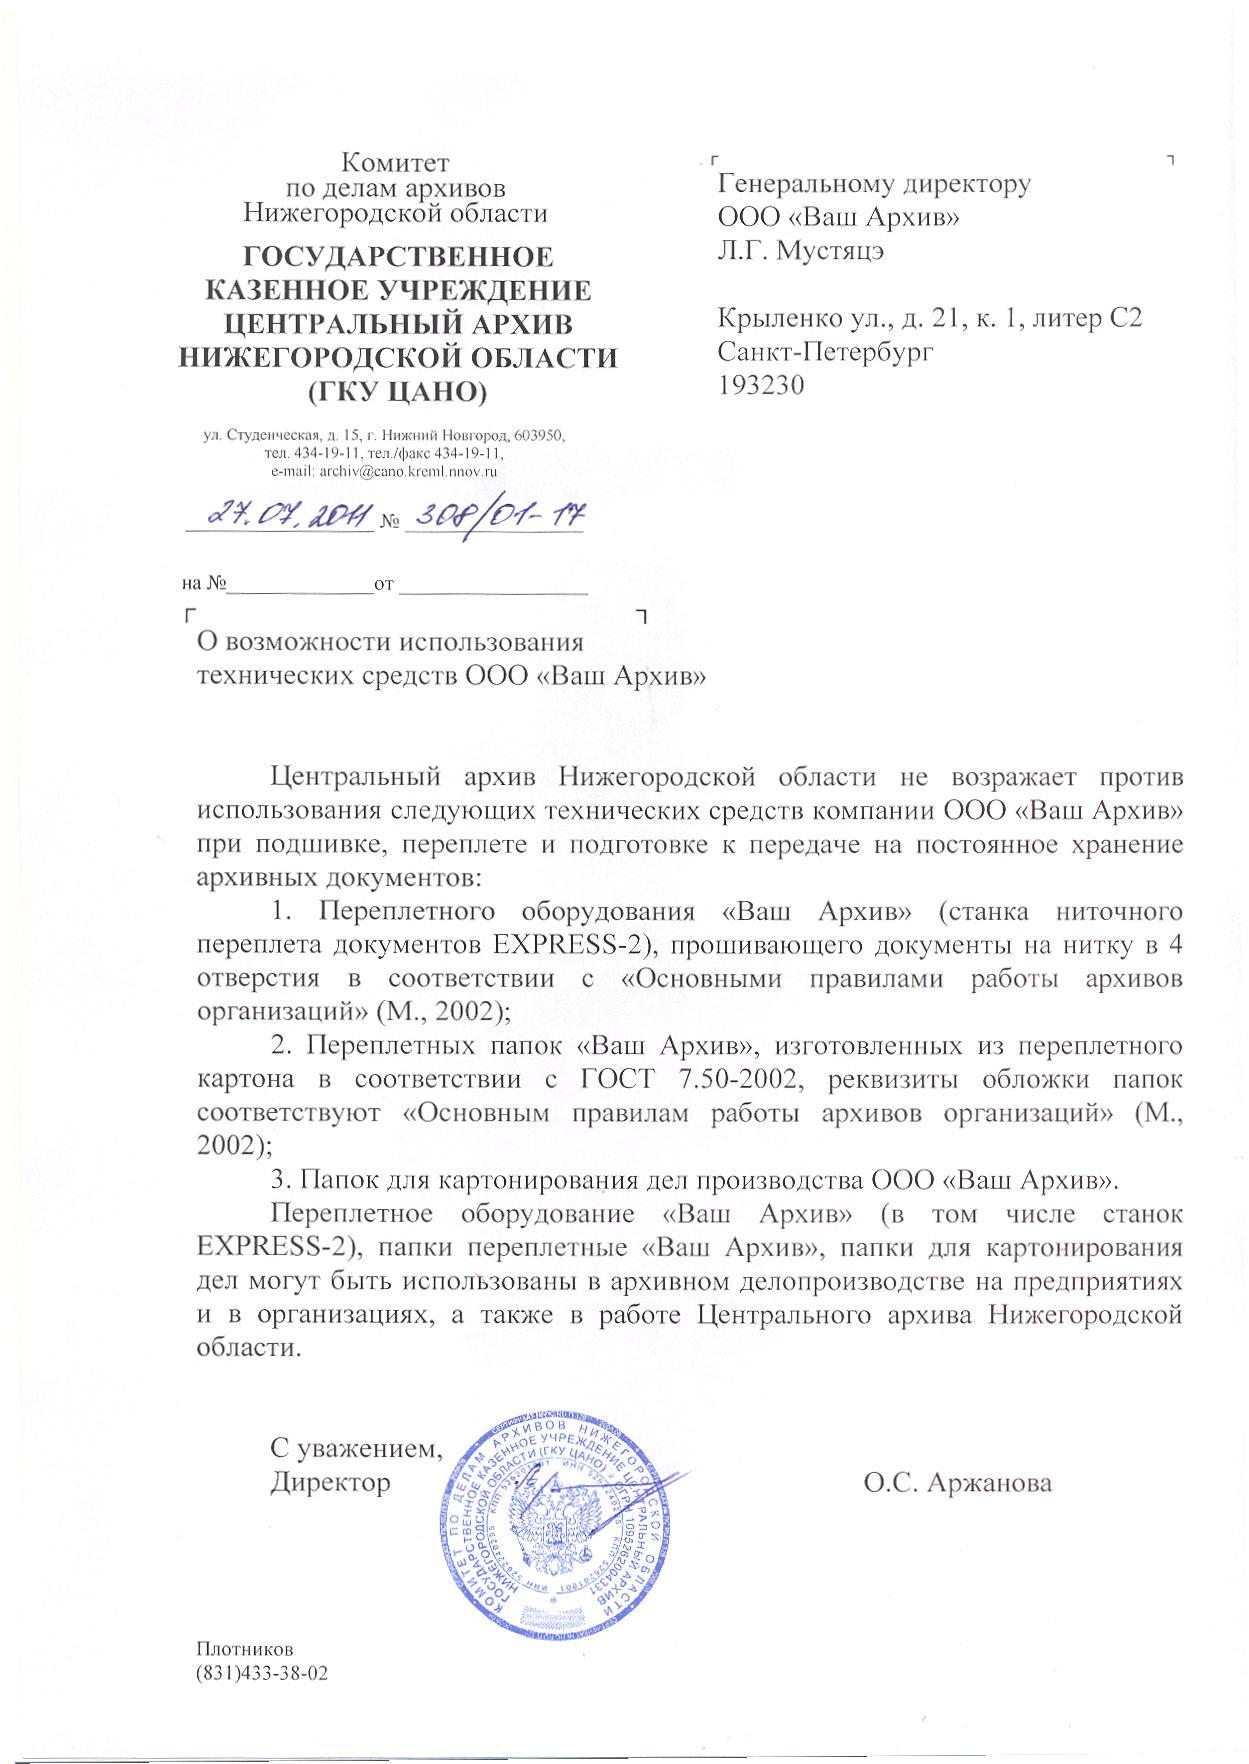 Письмо ЦГА Нижний Новгород